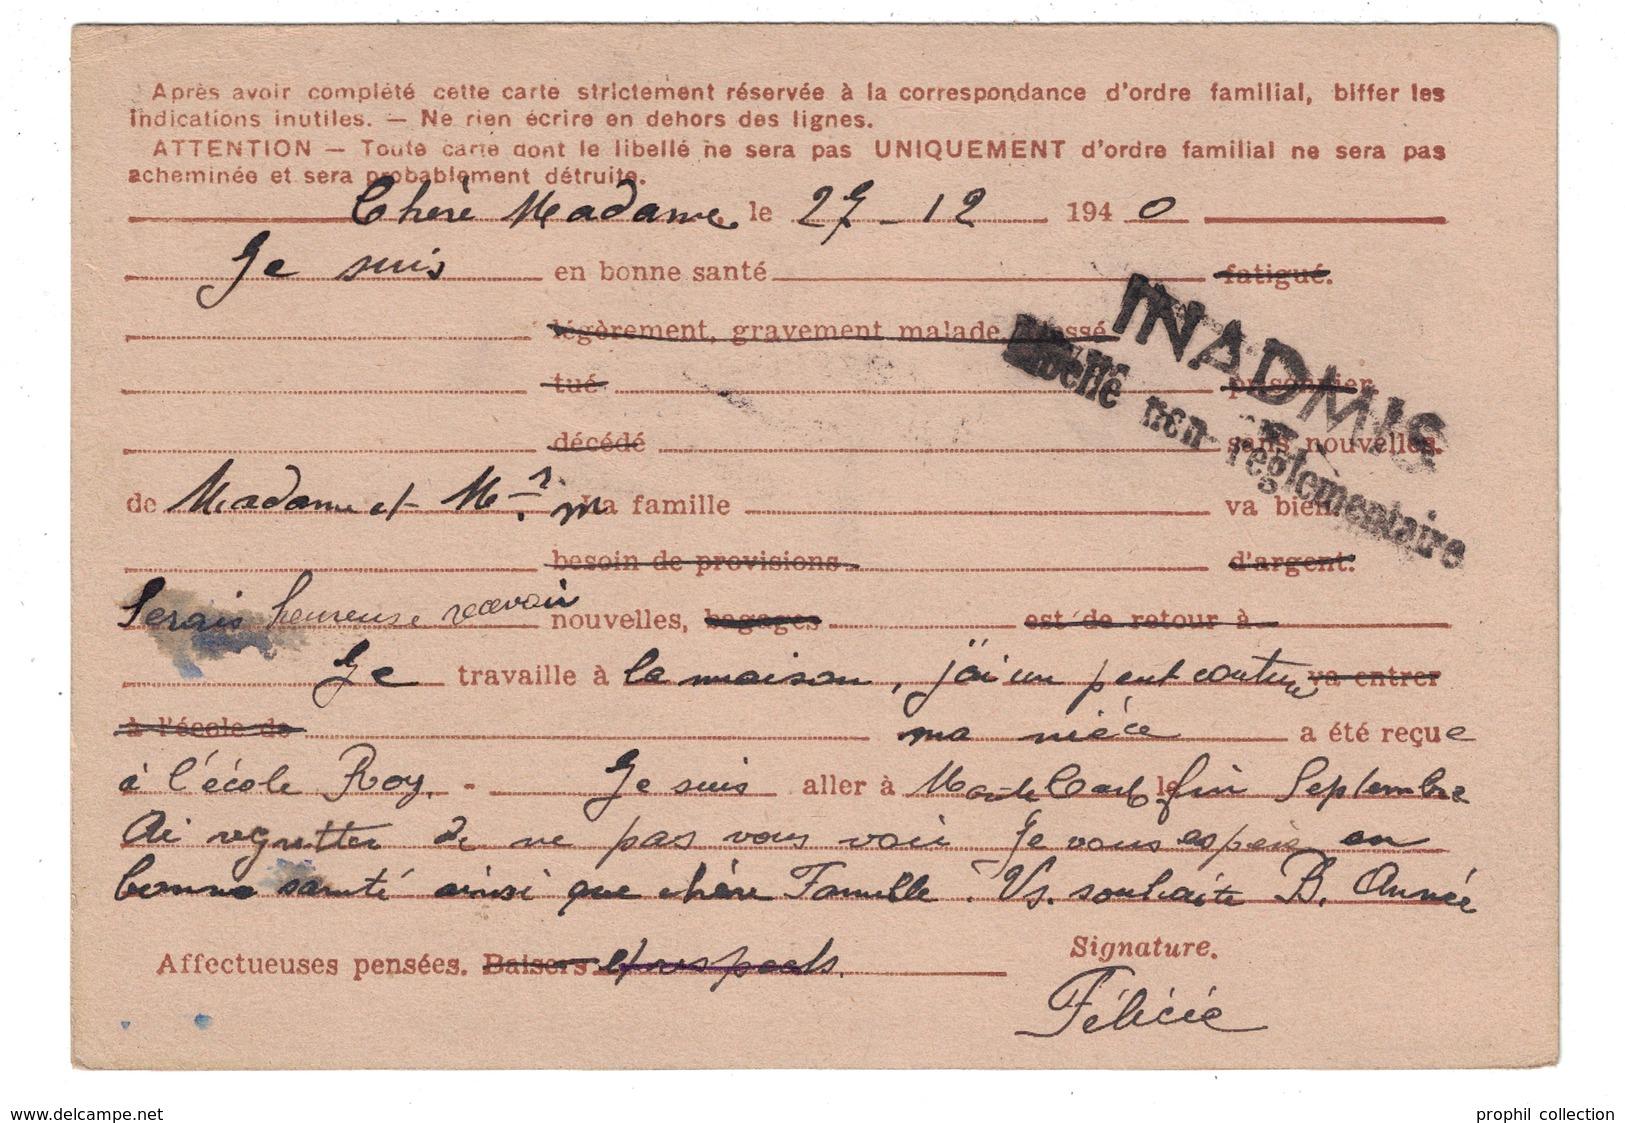 """1940 - GRIFFE """" INADMIS LIBELLÉ NON REGLEMENTAIRE """" RETOUR À L'ENVOYEUR RAE CARTE INTERZONE IRIS OMEC NICE  MAINNEVILLE - Marcophilie (Lettres)"""